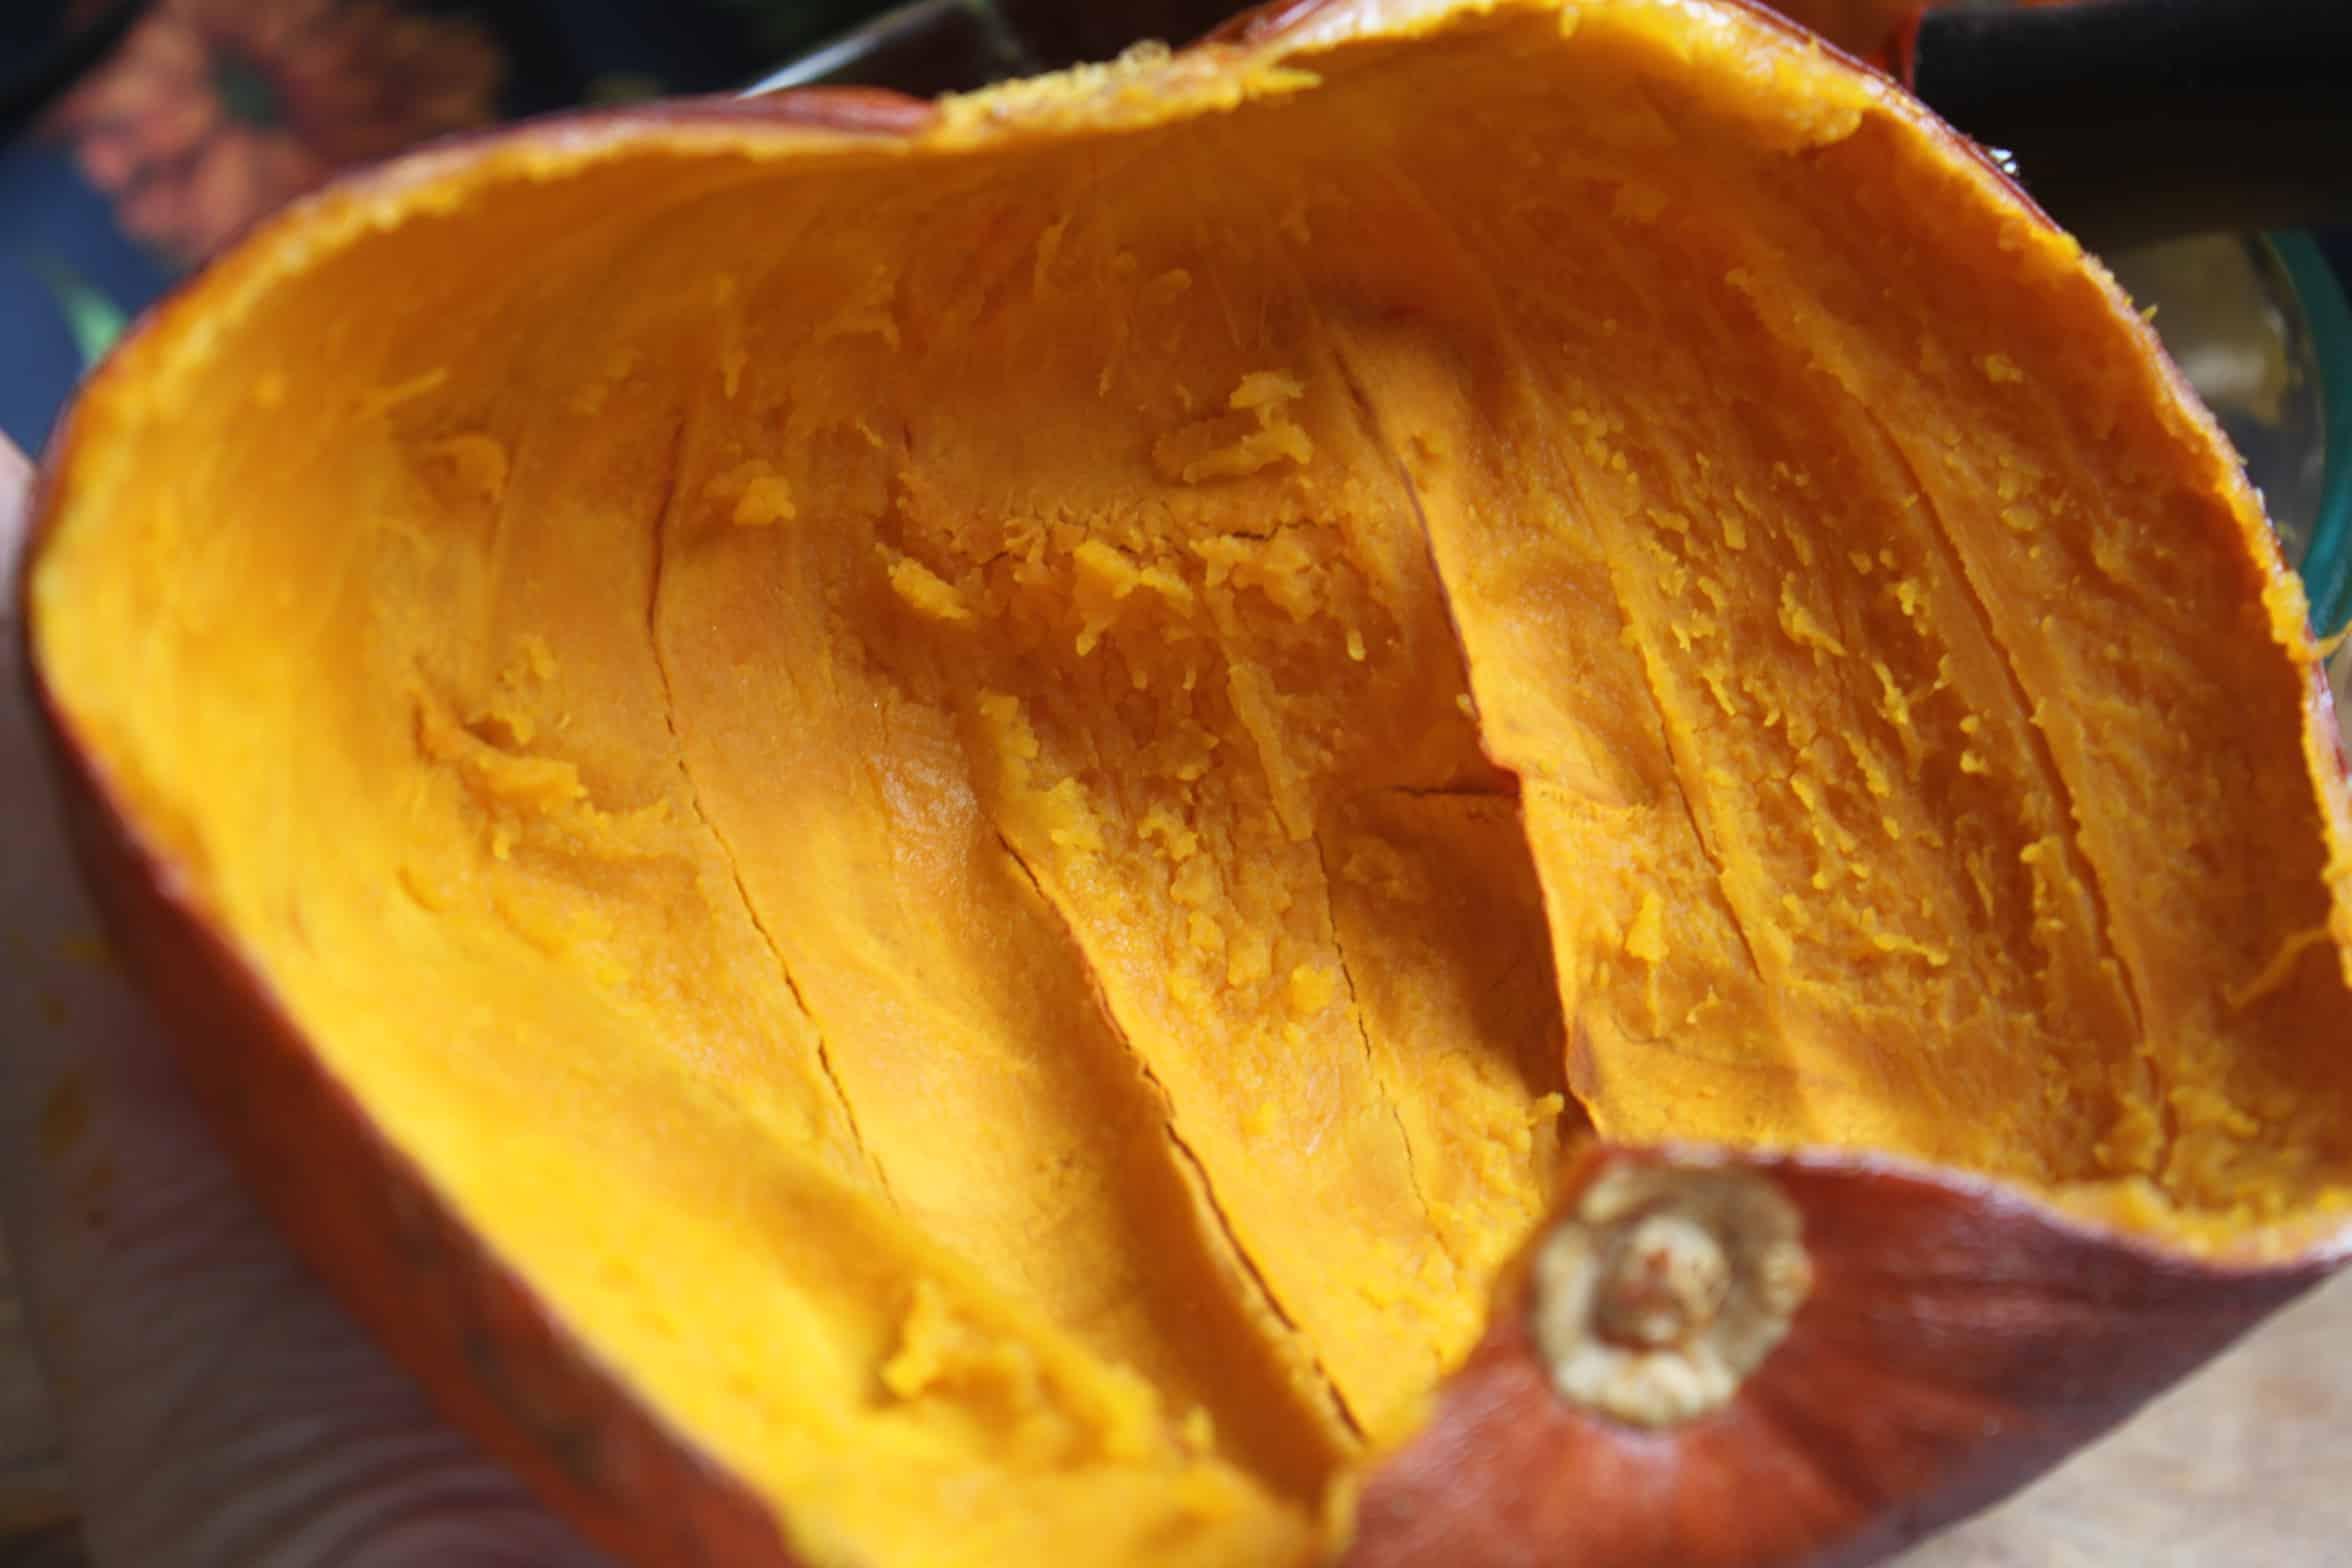 shell of a pumpkin